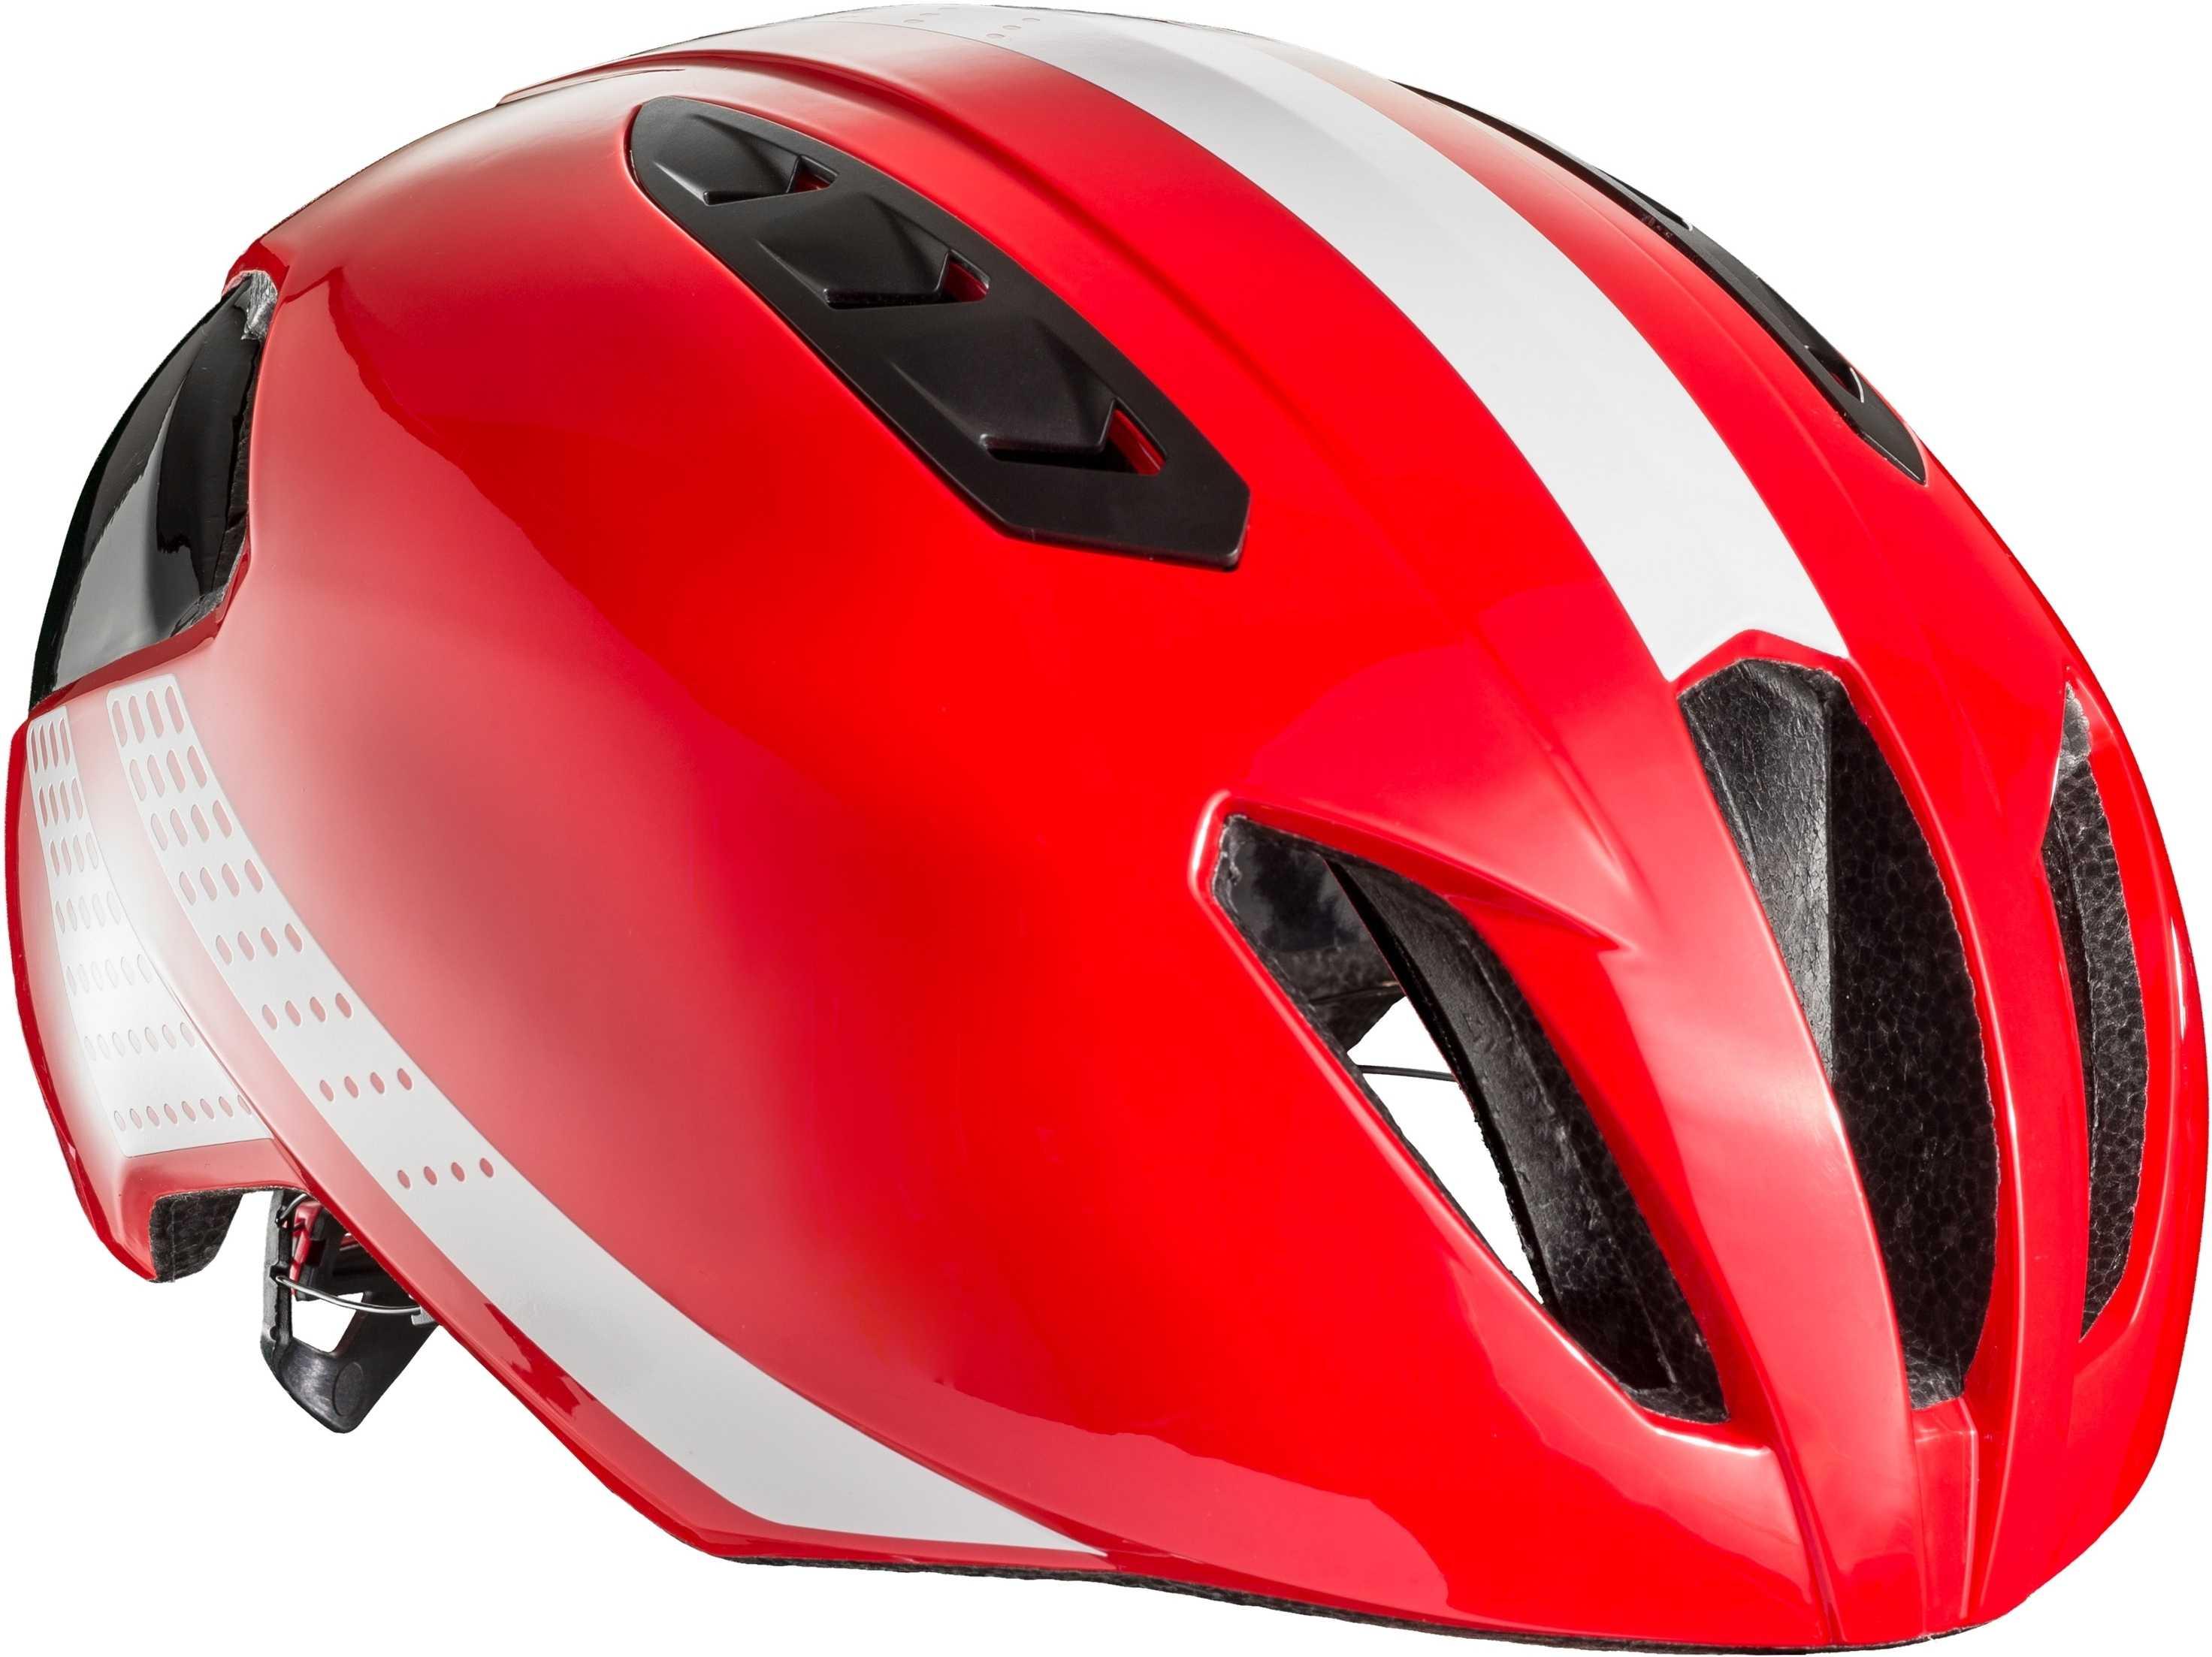 Hjelm Bontrager Ballista MIPS sort | Helmets